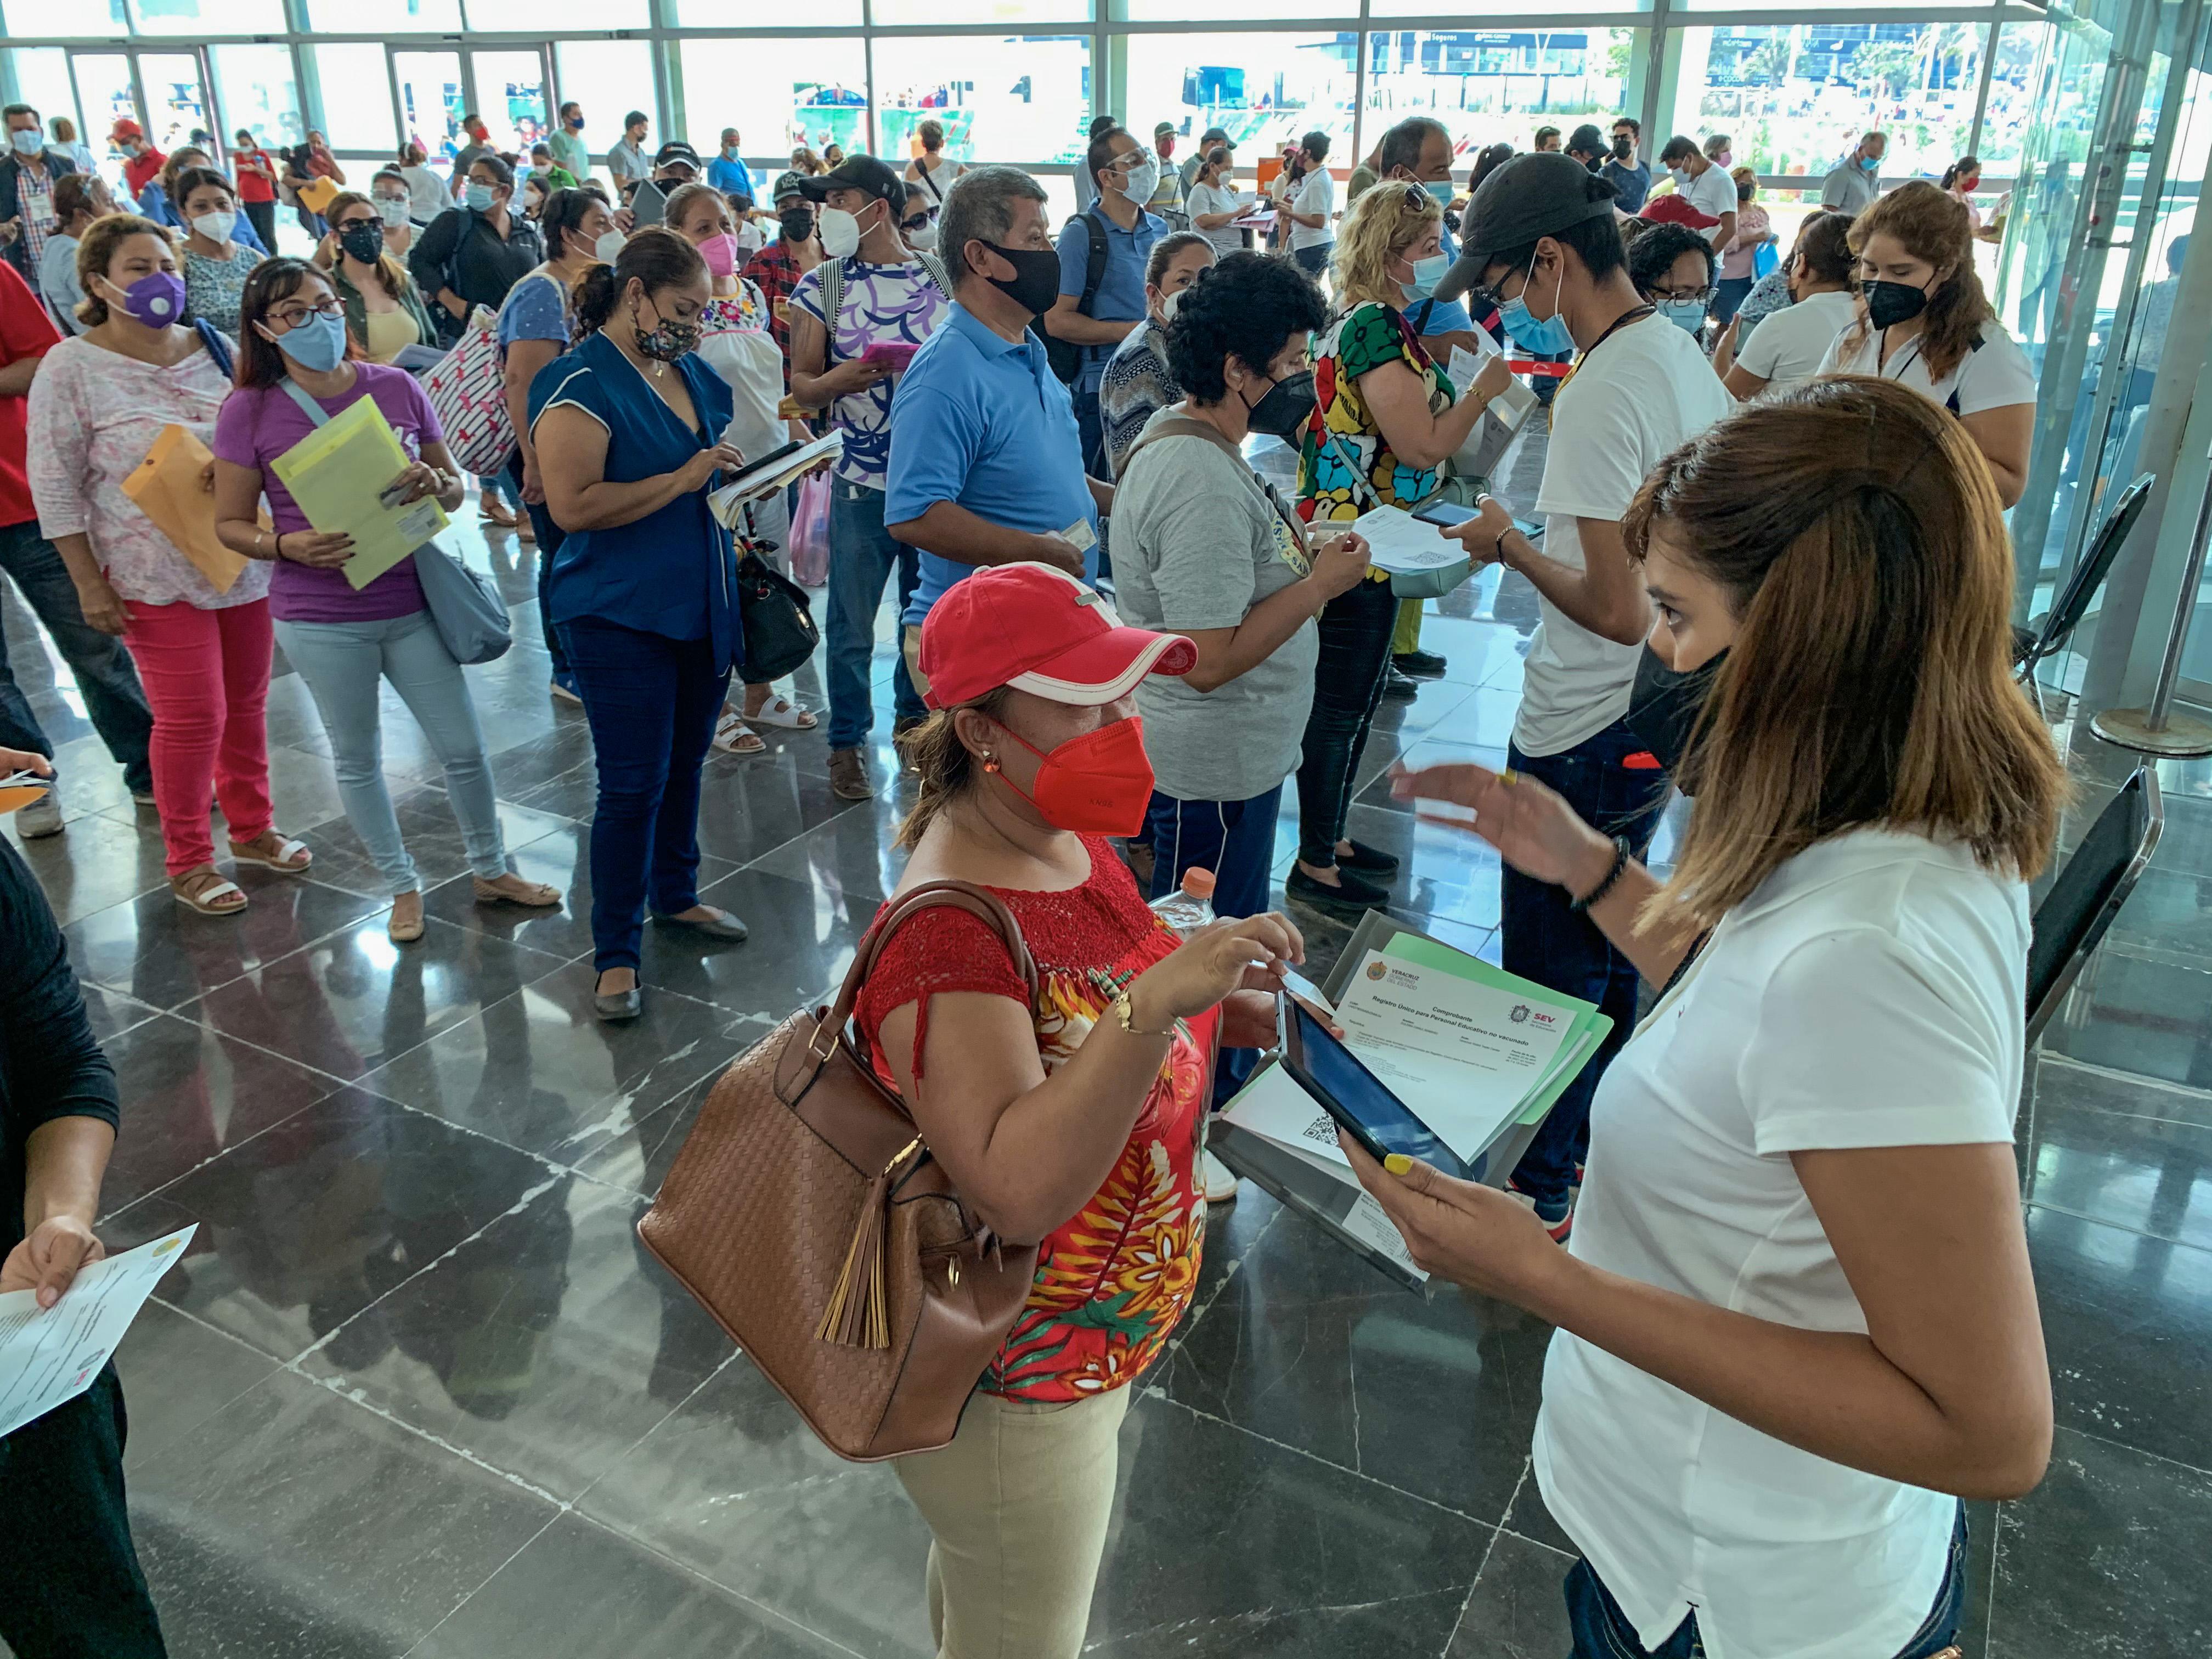 Avanza Gobierno de México en vacunación a personal educativo de Chiapas, Coahuila, Nayarit, Tamaulipas y Veracruz.